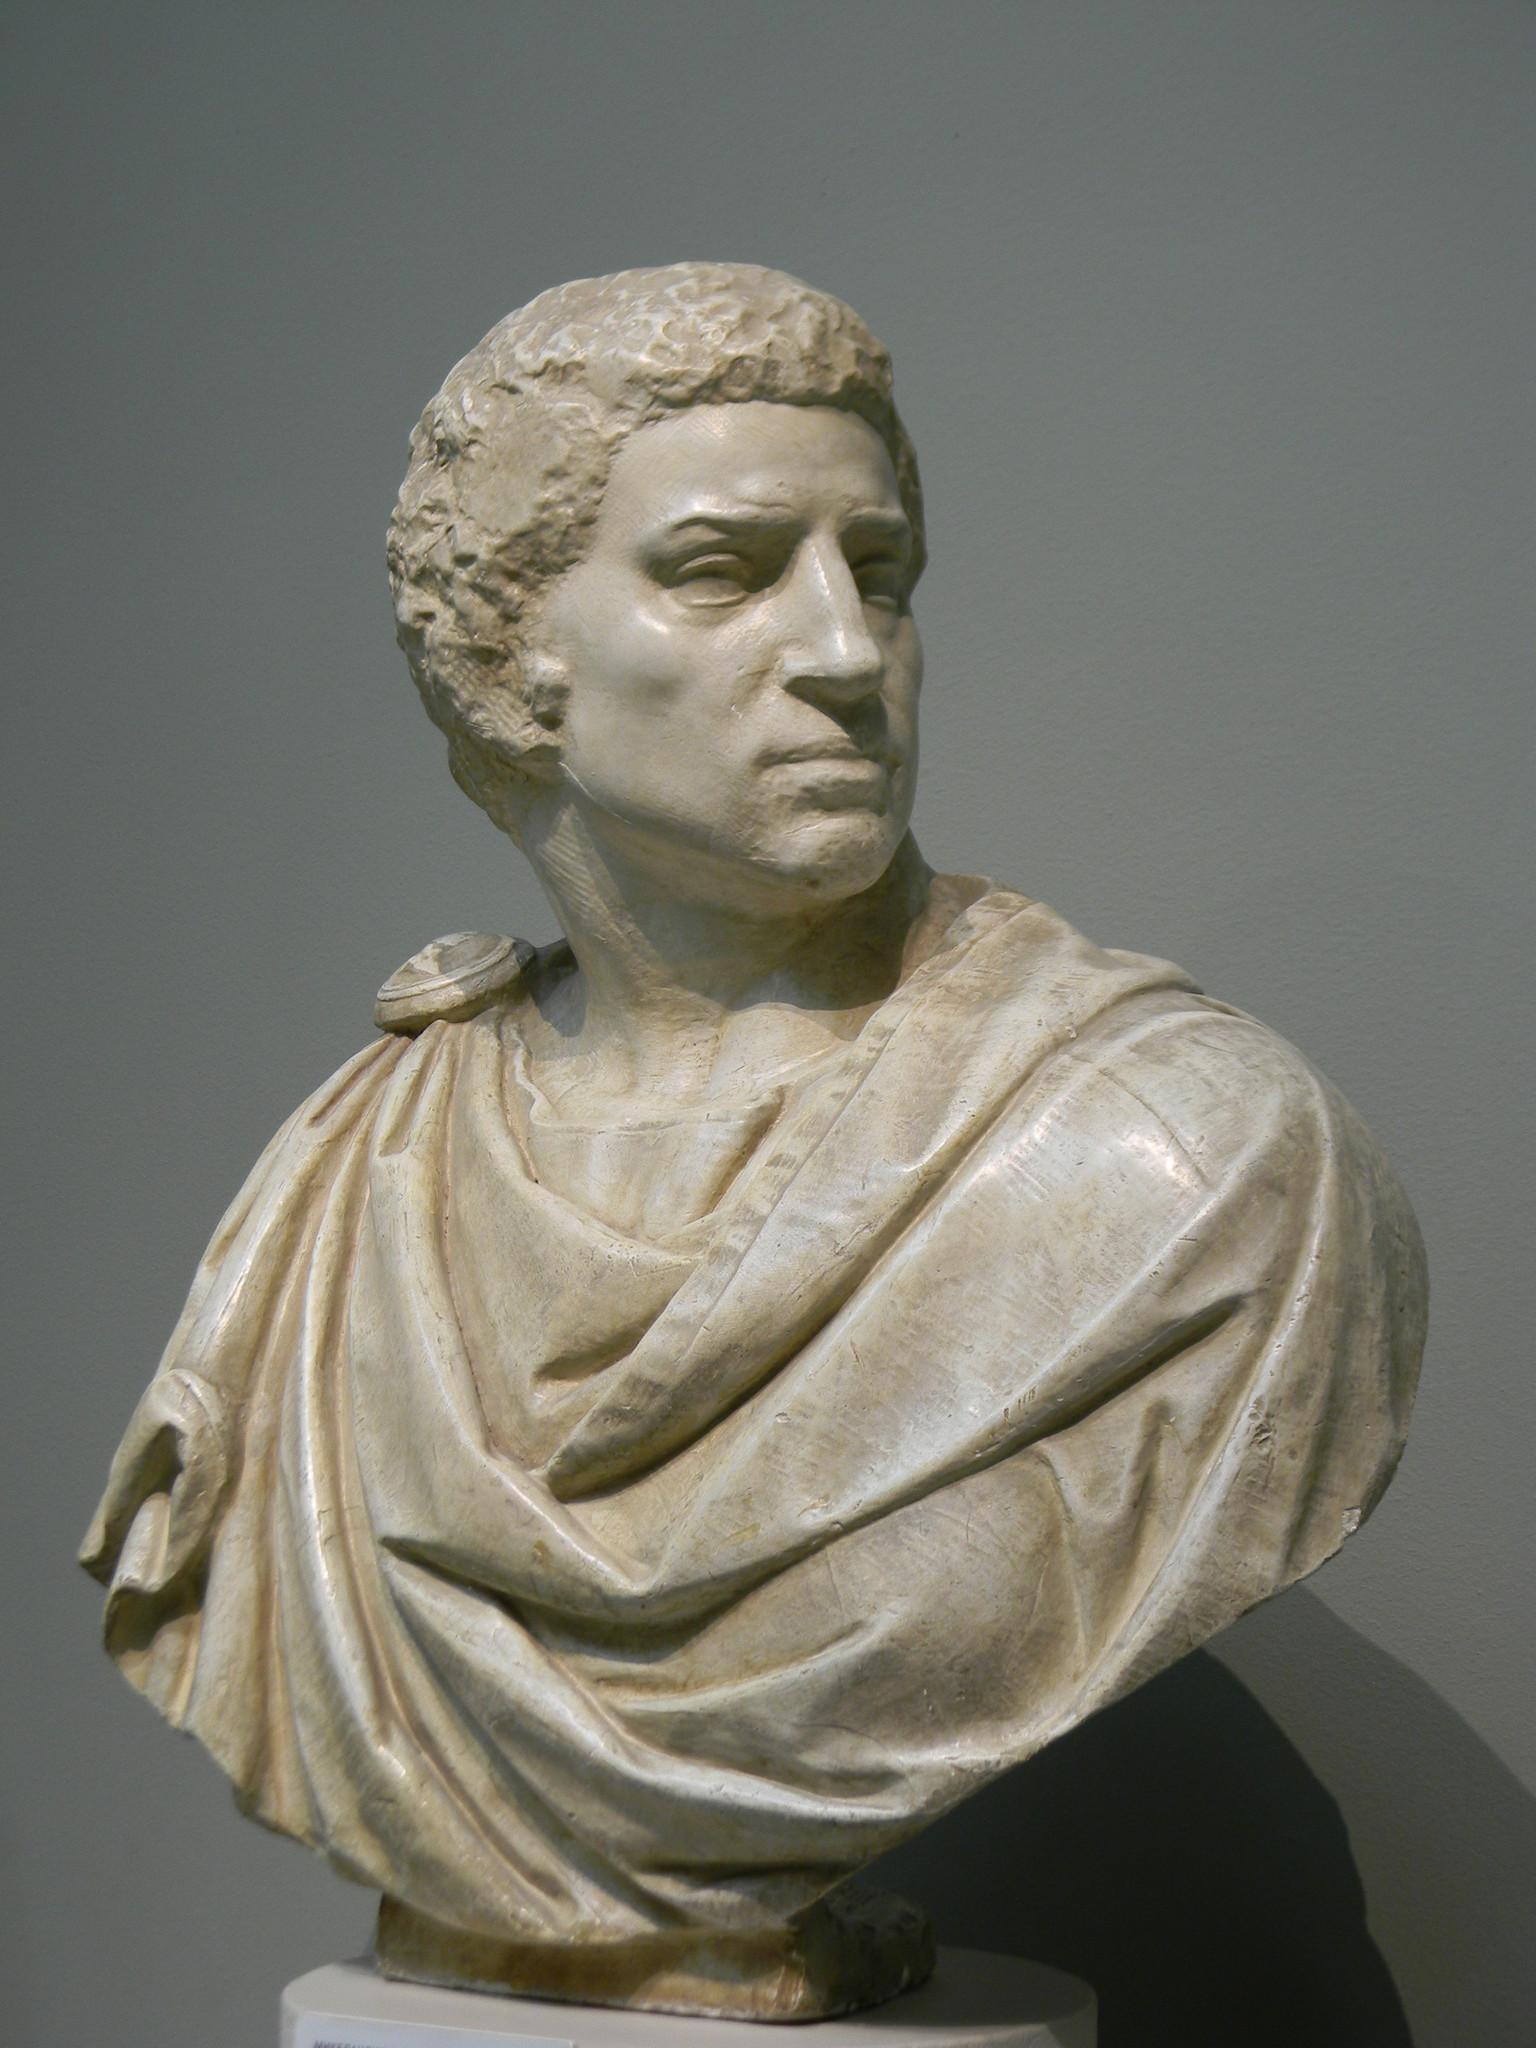 «Брут». Микеланджело Буонарроти. Слепок. Подлинник - мрамор. Национальный музей, Флоренция, Италия